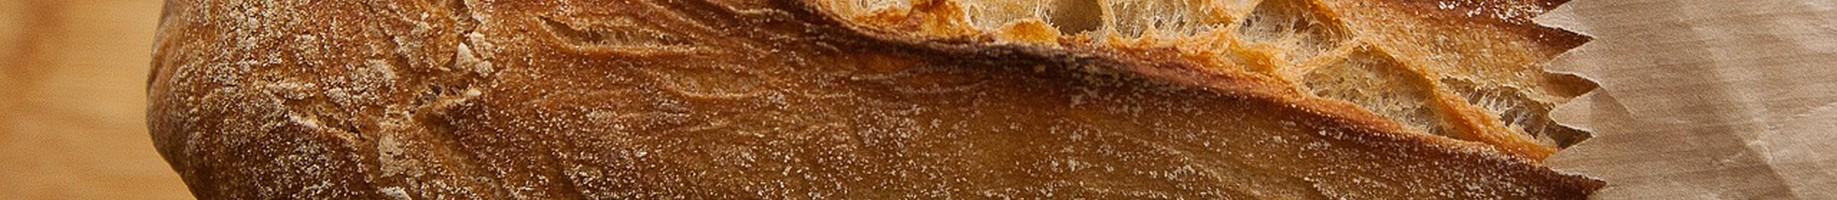 bread-1761197_1280